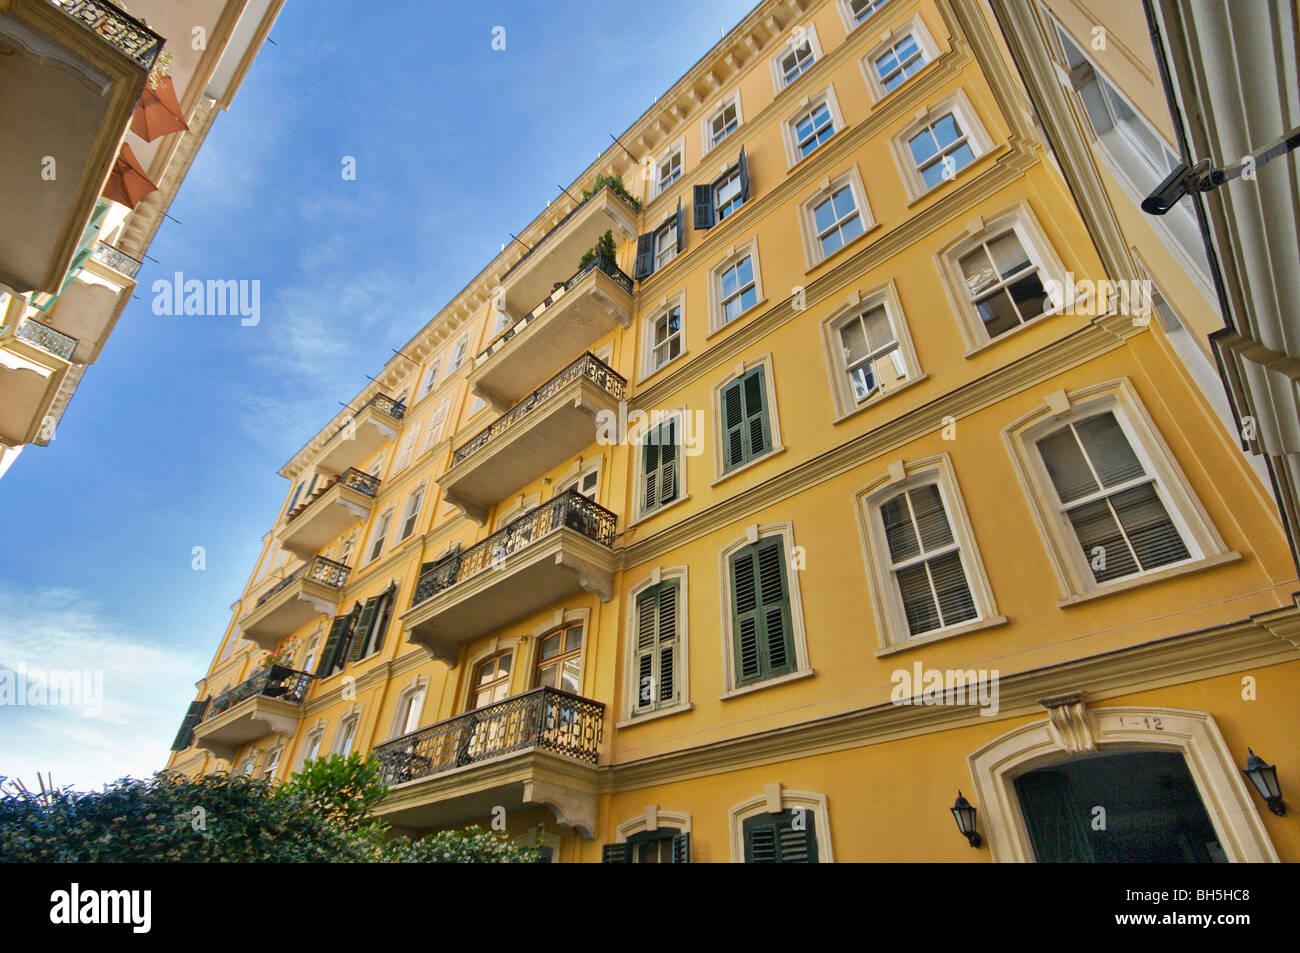 Historische Dogan Mehrfamilienhaus in Galata-Istanbul-Türkei Stockbild